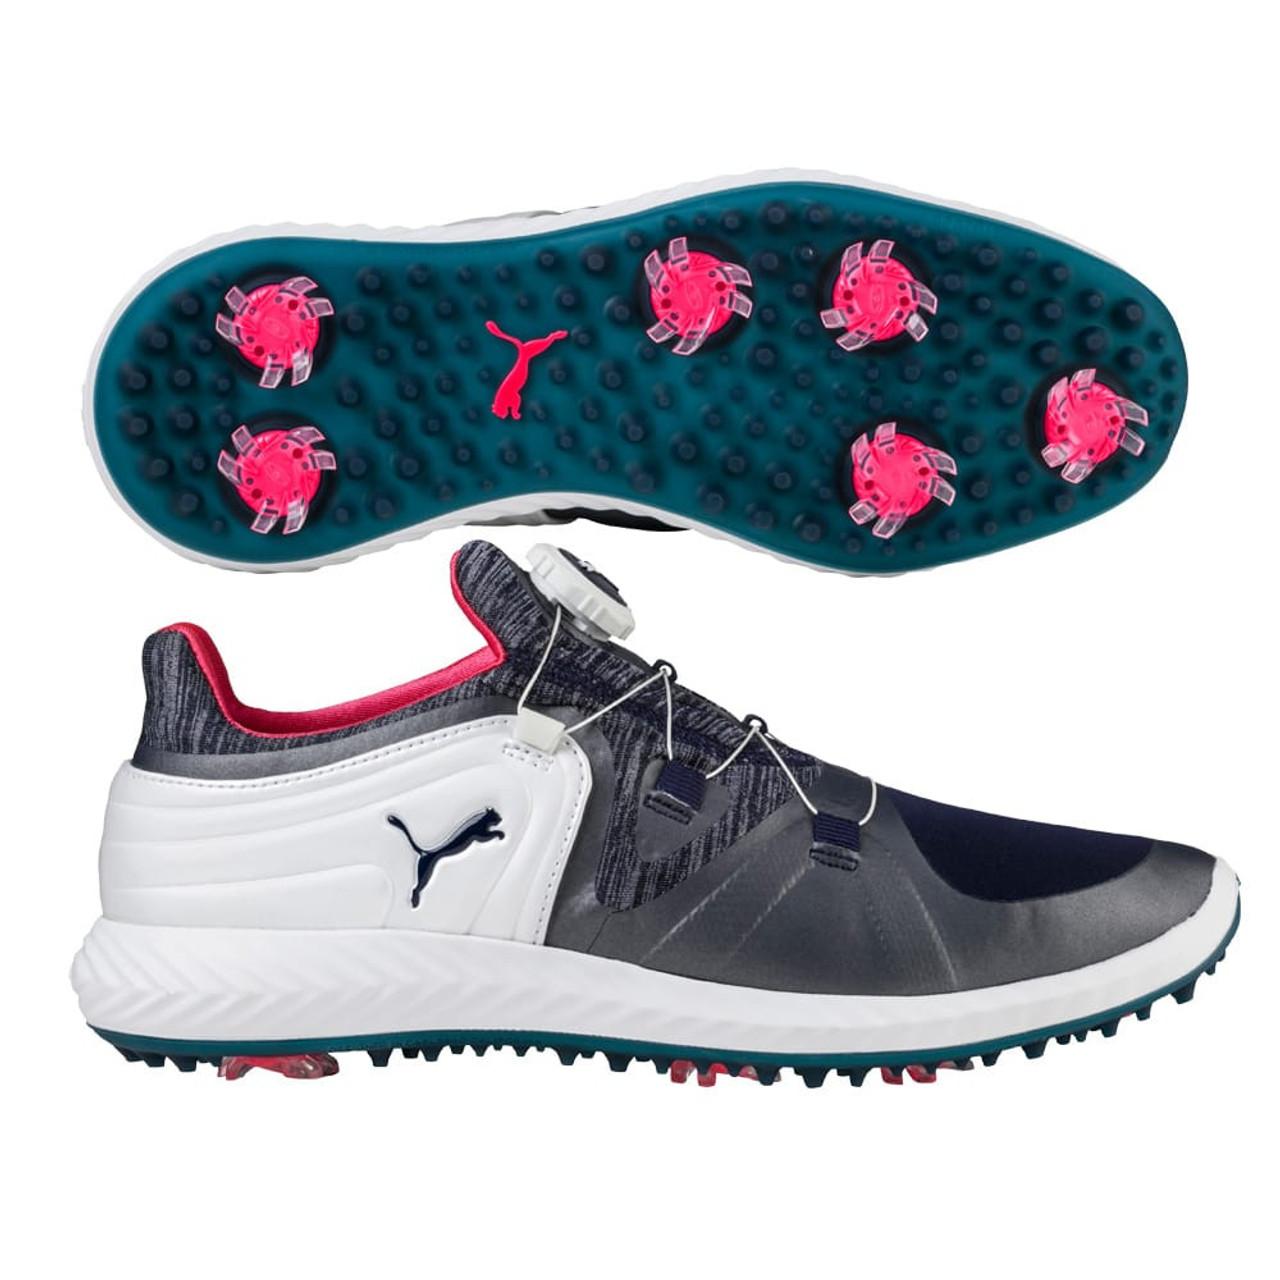 Puma Womens Golf Shoes | Ignite Blaze